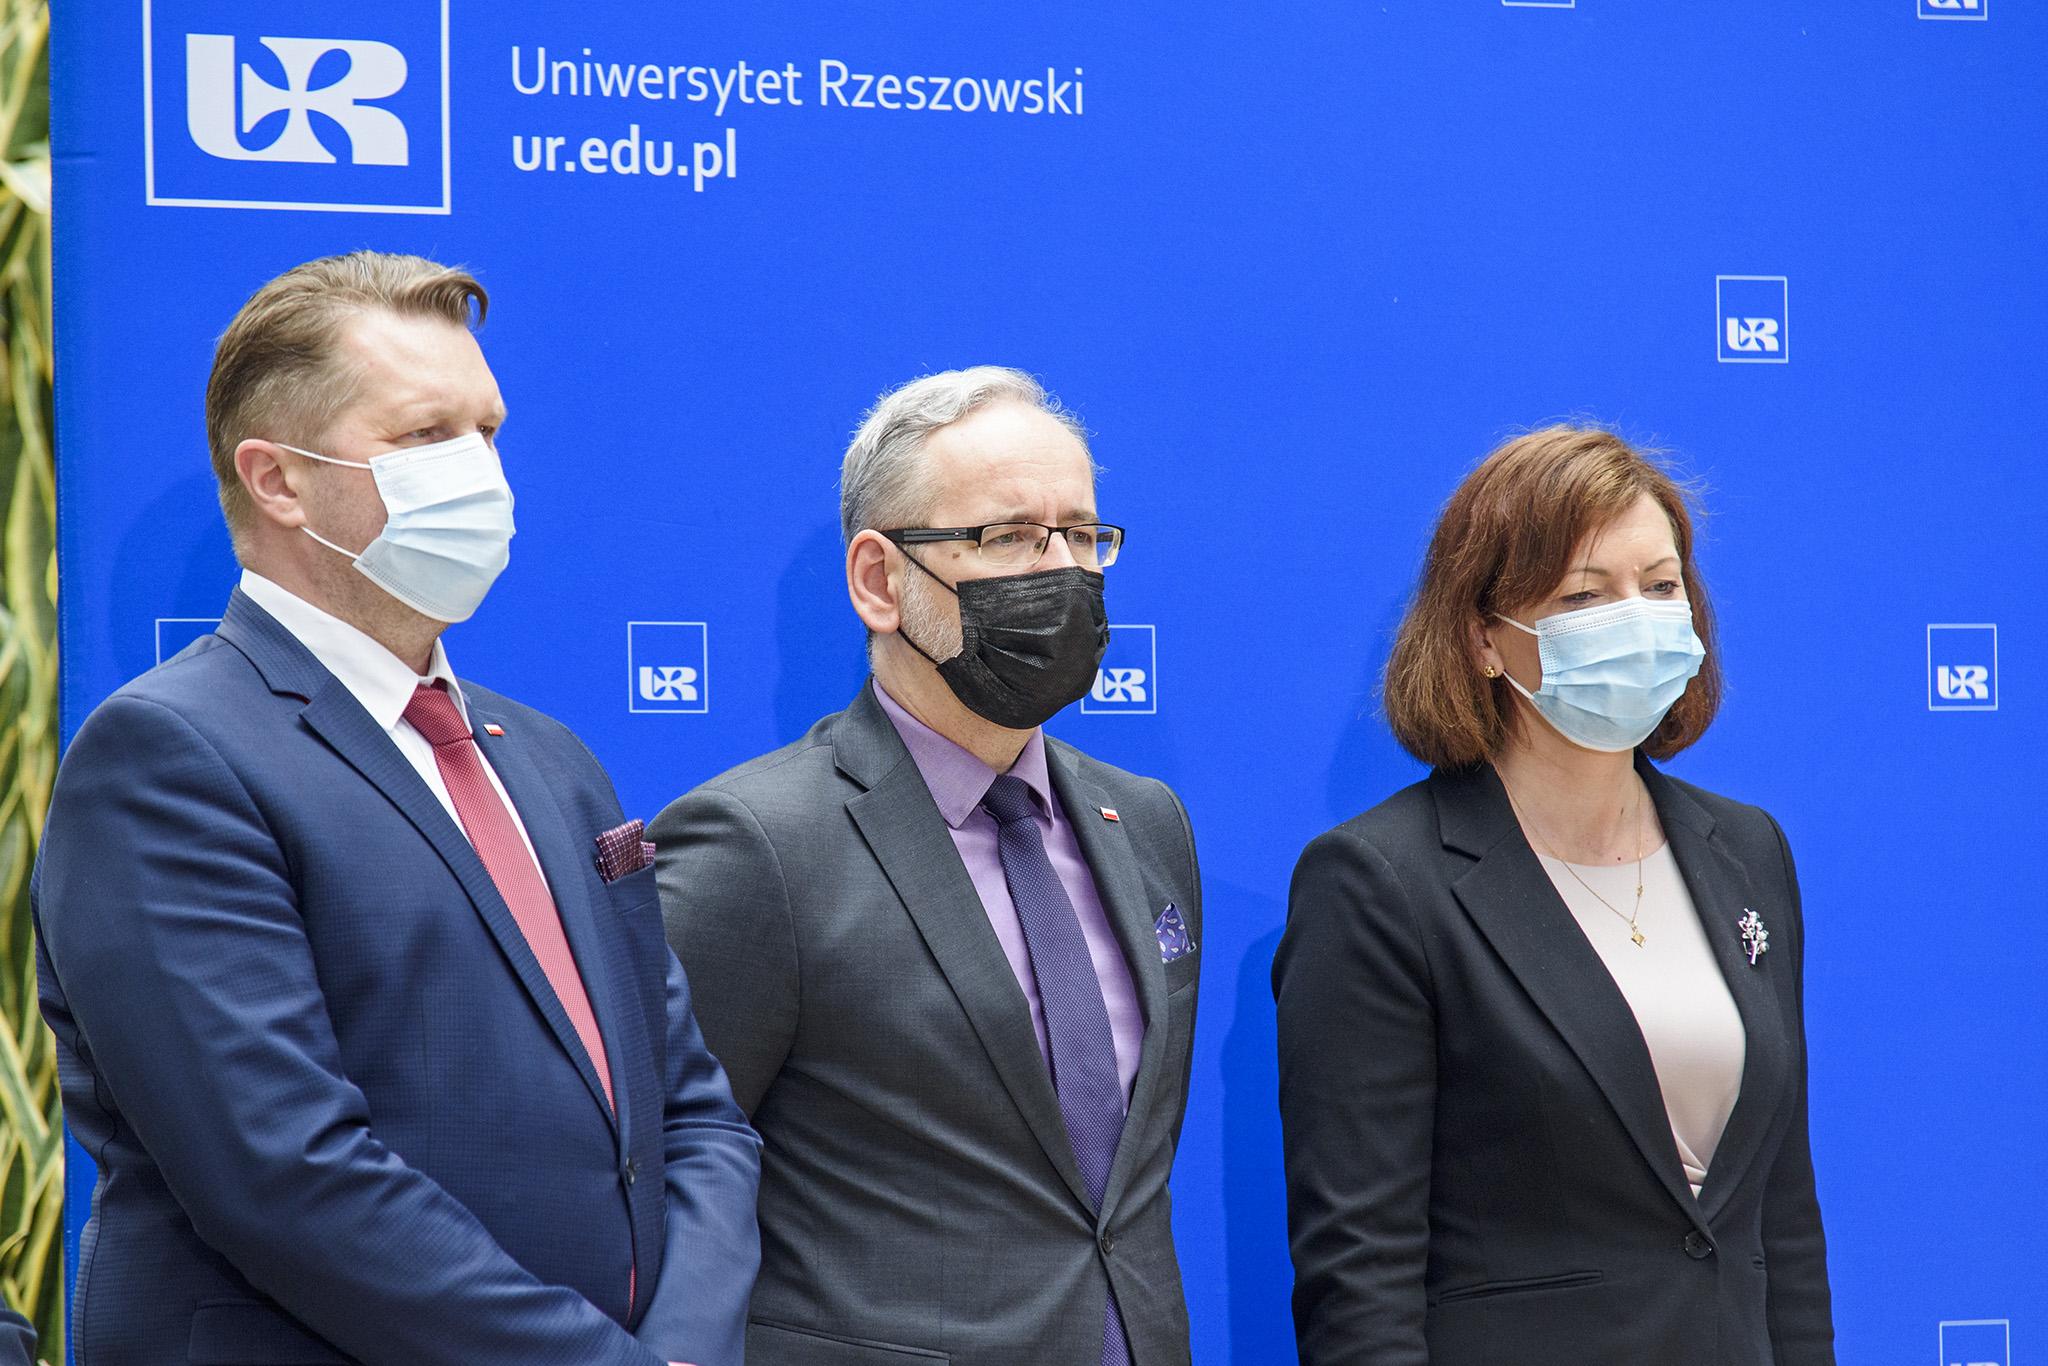 DSC_2019_RZESZOW_NEWS_SEBASTIAN_STANKIEWICZ